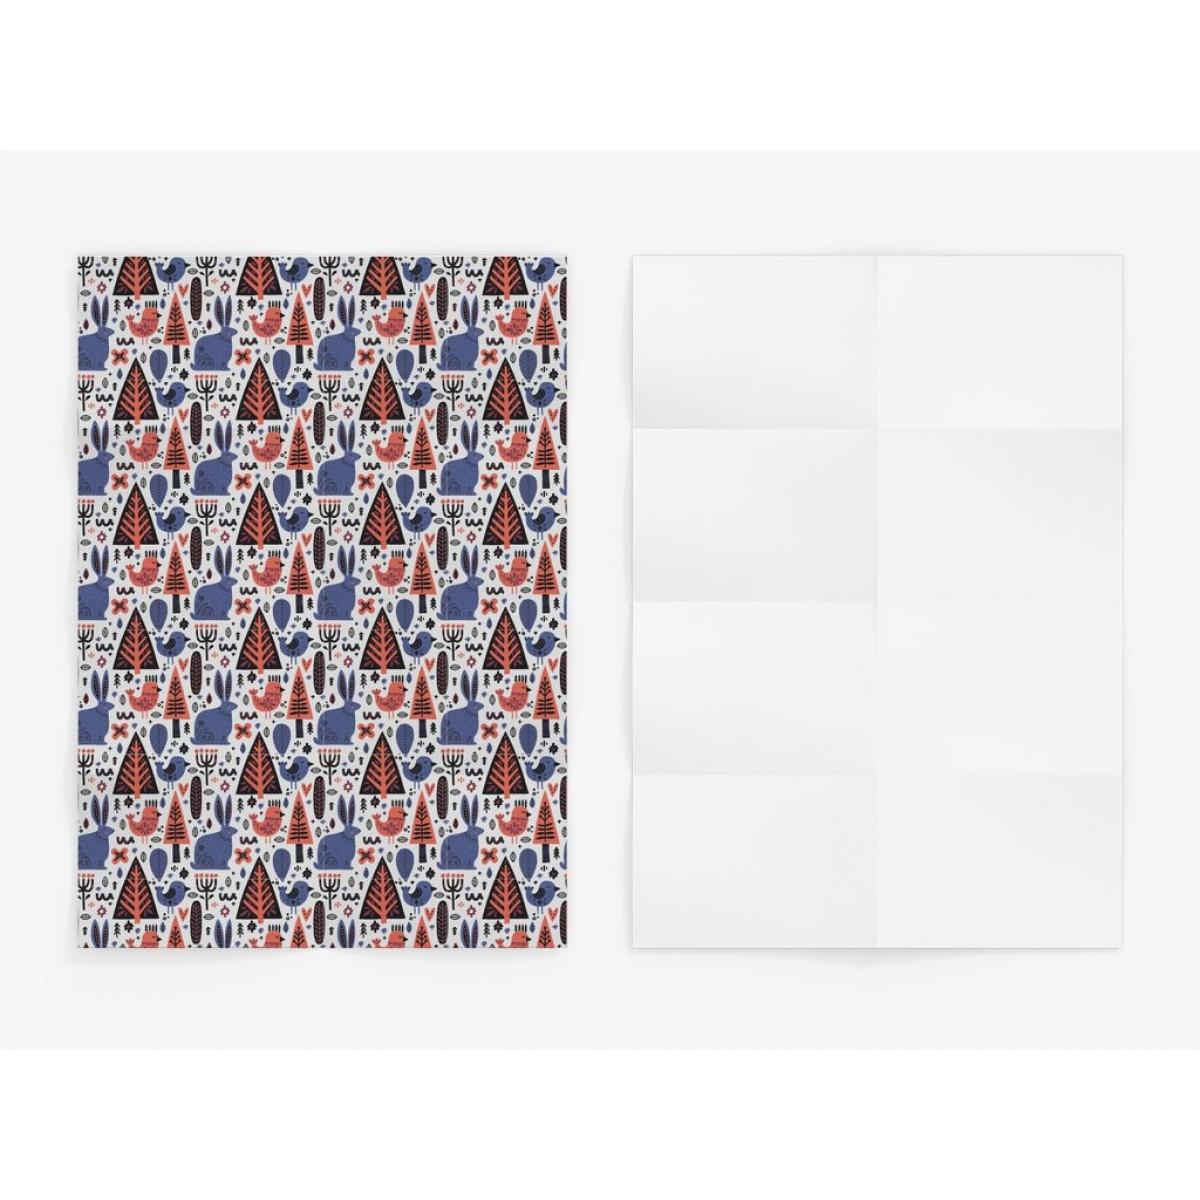 typealive / 5x Geschenkpapier / Hygge Wrap (gefaltet)